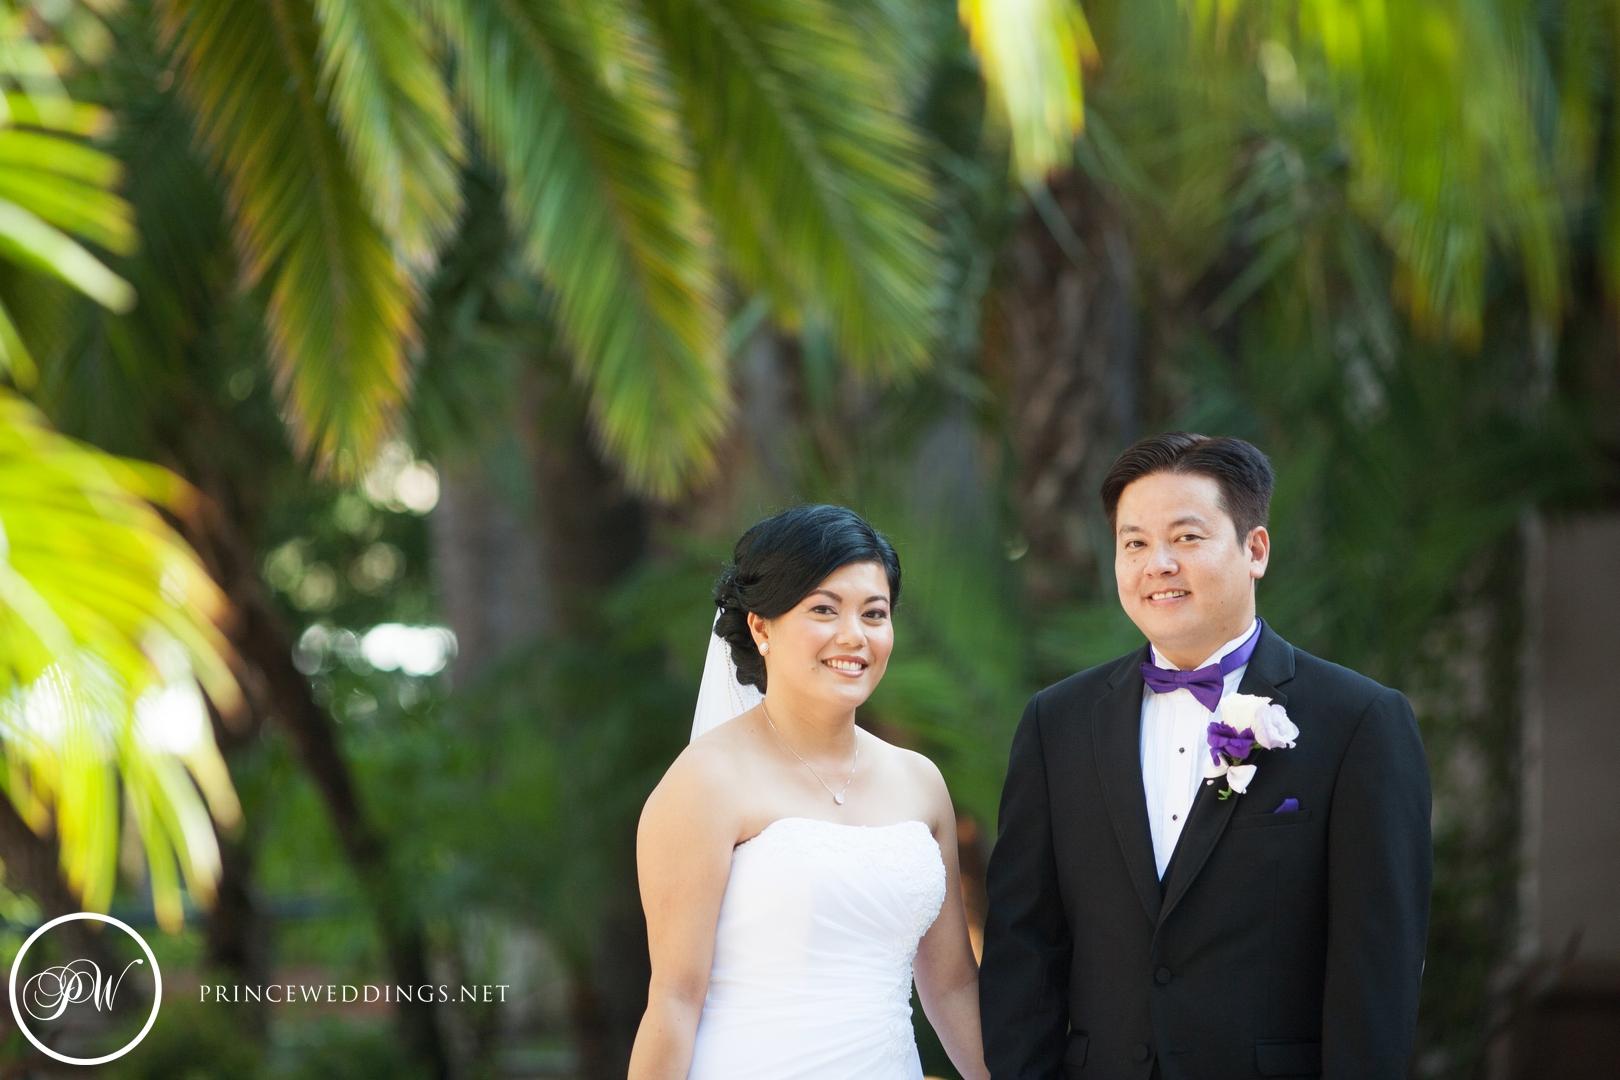 TurnipRose_Wedding_Photography_James+Luisa43.jpg